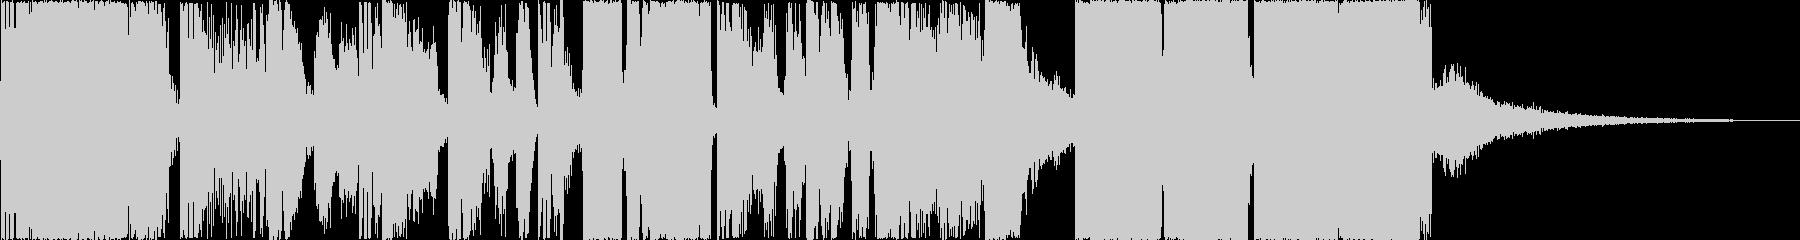 派手、デジタルな印象のジングル6の未再生の波形